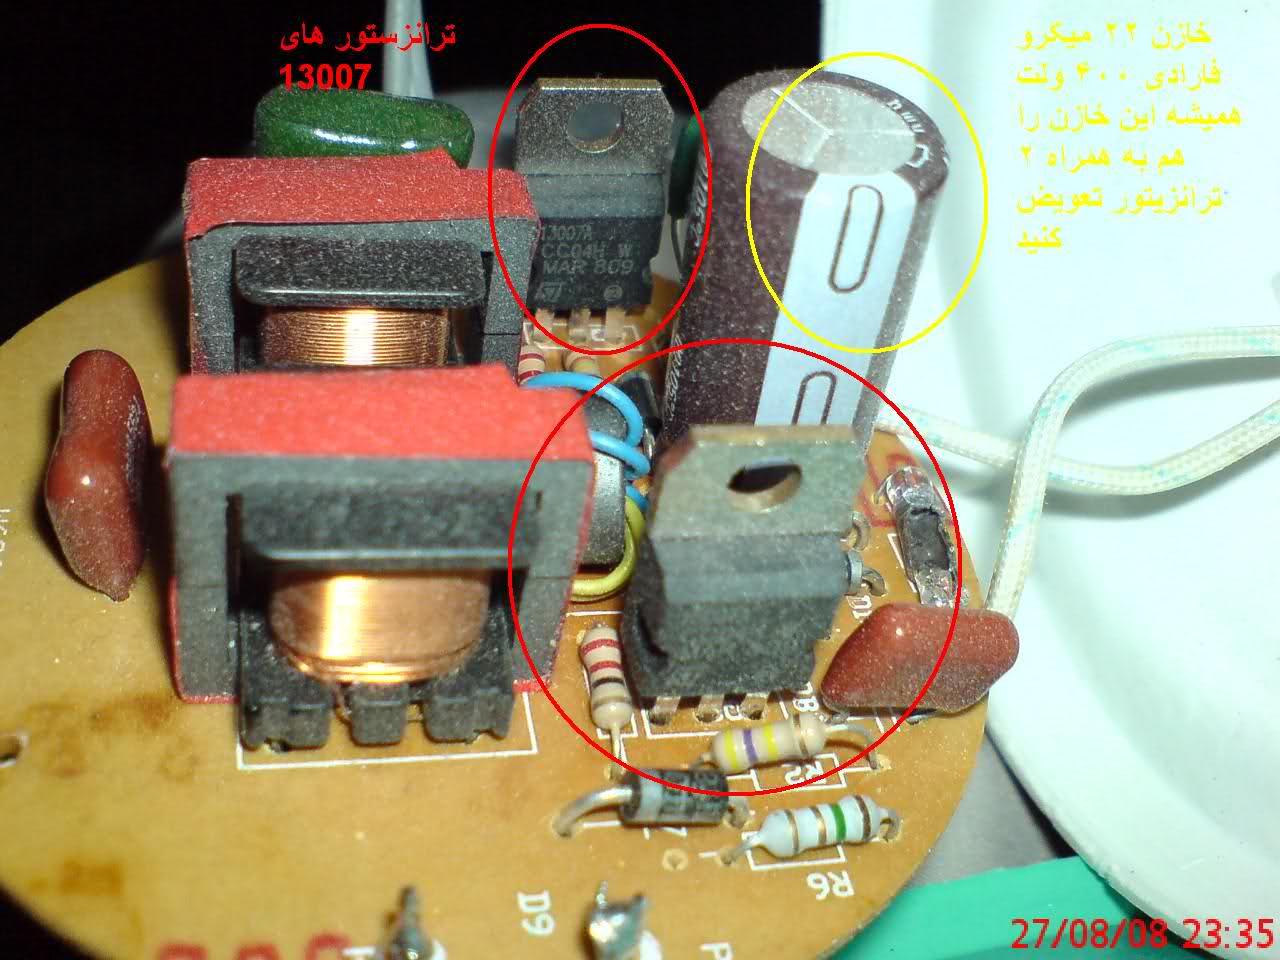 روش های تعمیر لامپ های کم مصرف - پروژه ها